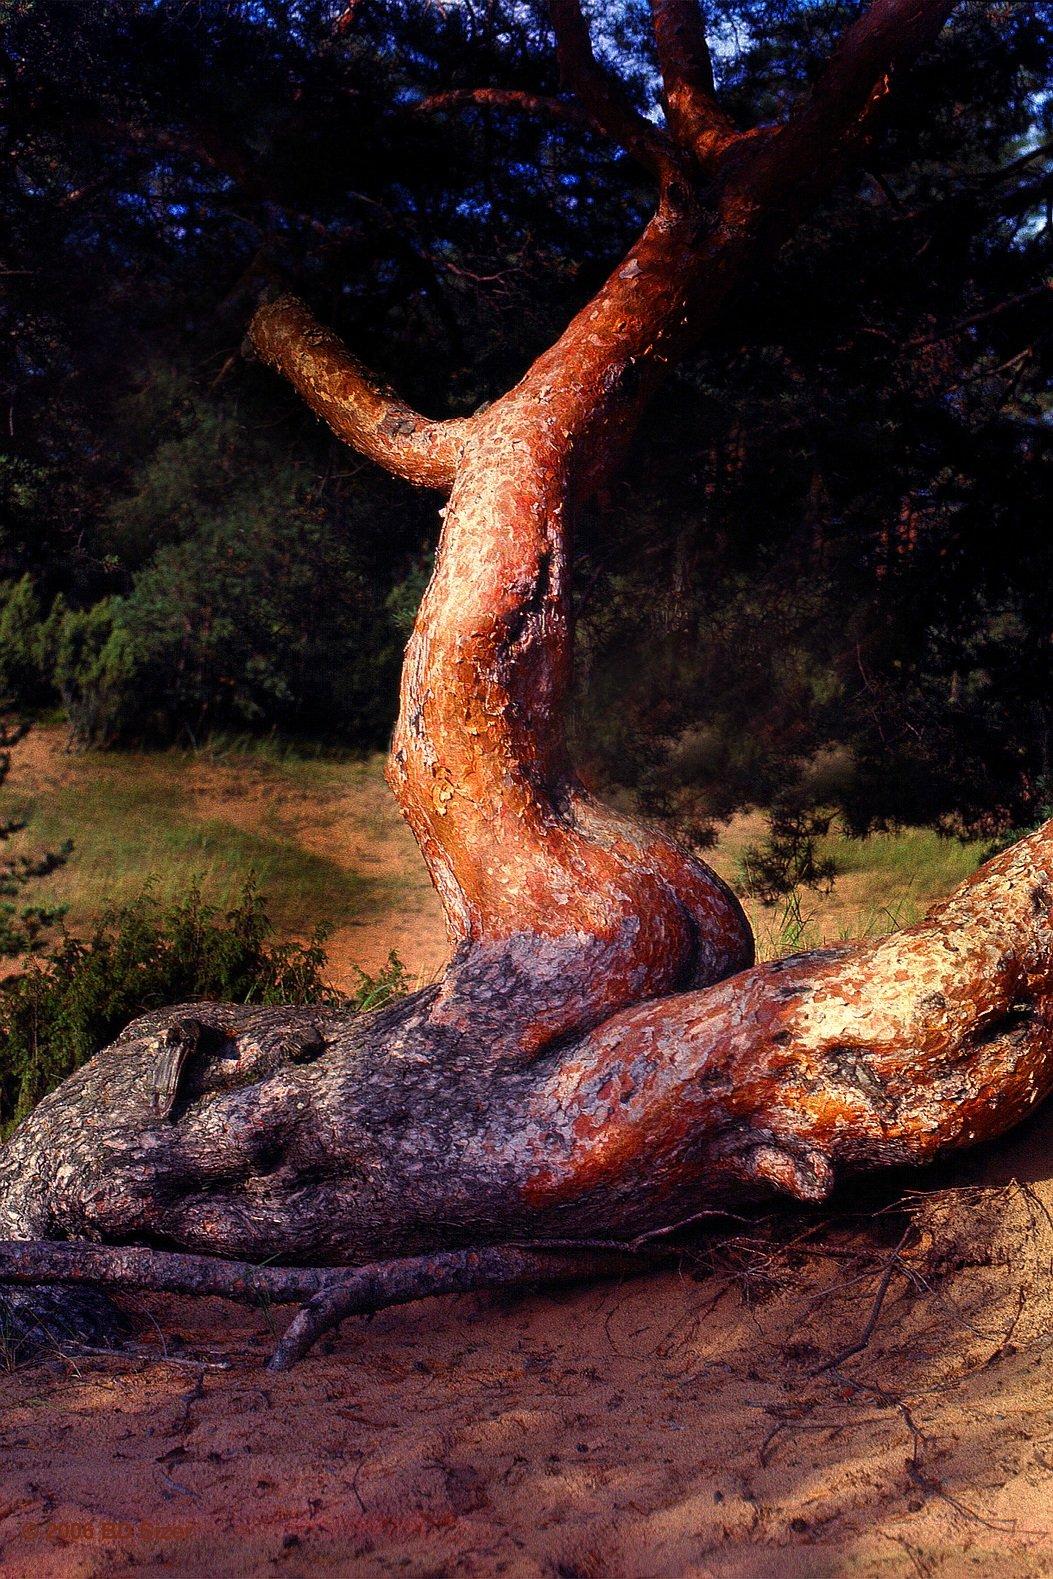 трахнул дерево фото - 2